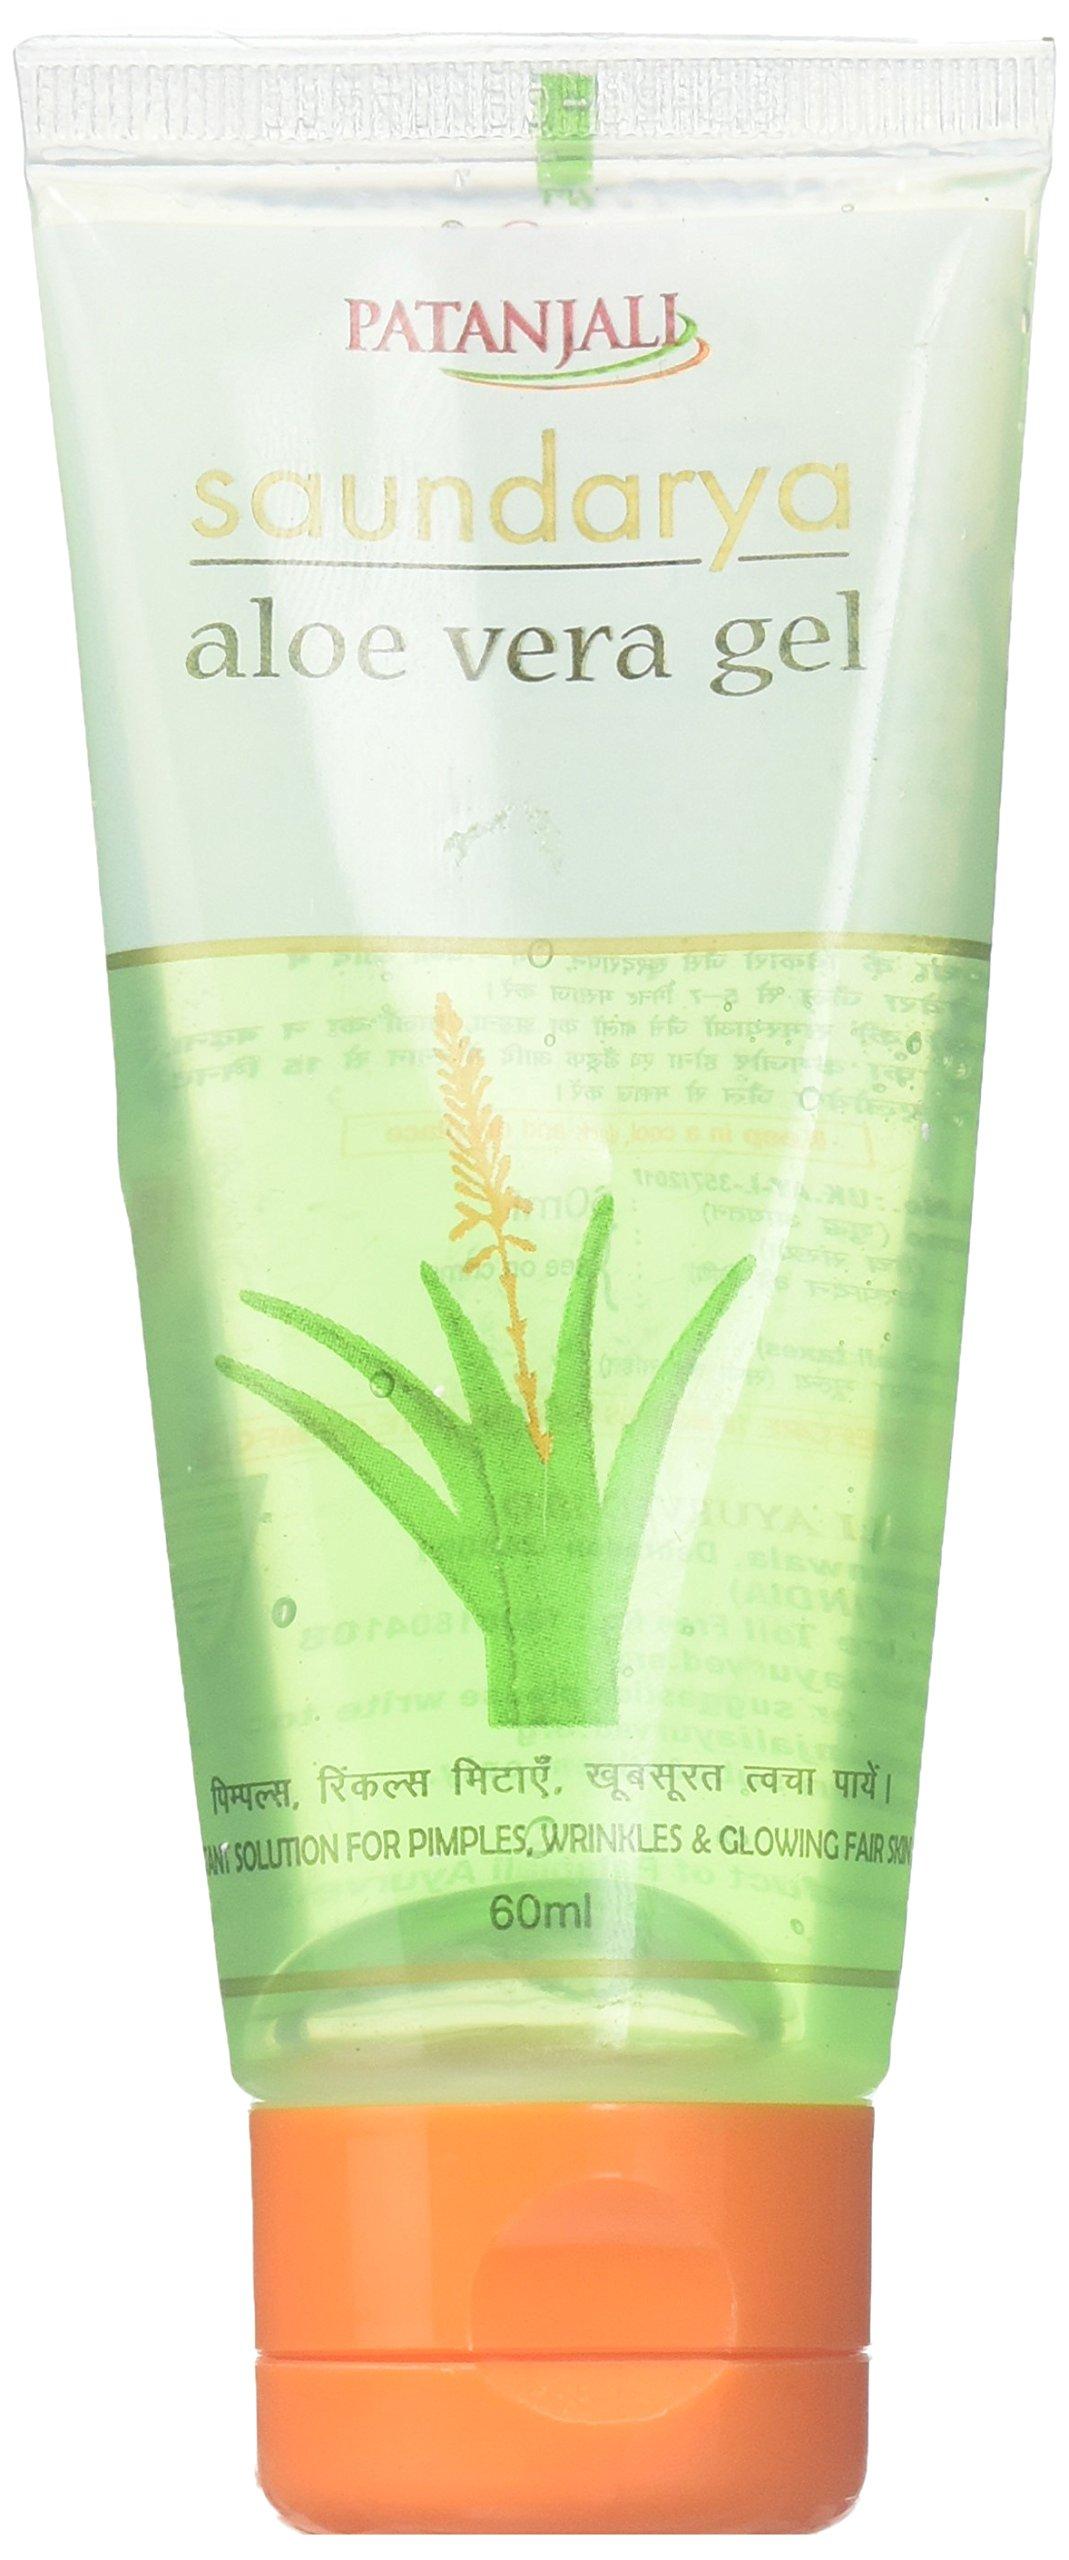 Patanjali Saundarya Aloe Vera Gel Rejuvenates & Gives You Glowing Skin (2 X 60Ml) by Patanjali